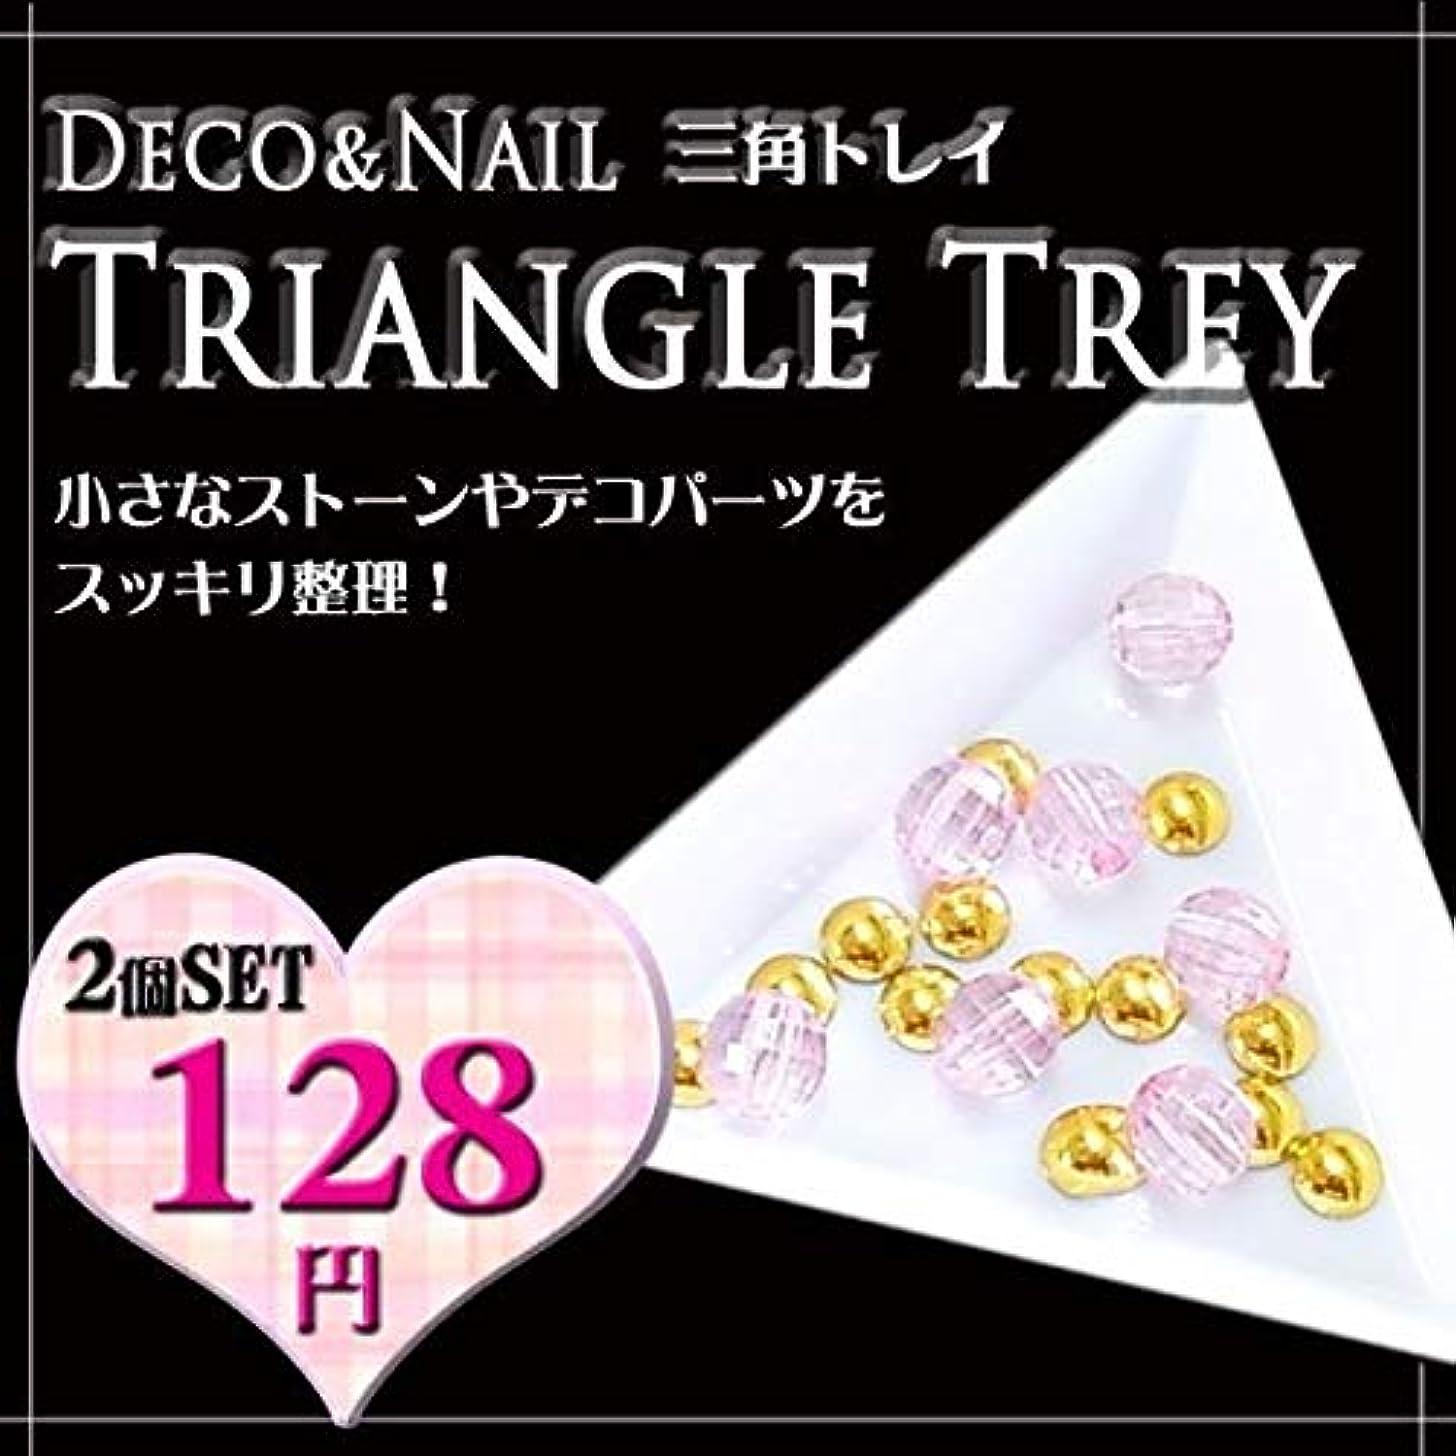 ダイジェスト離す太い三角トレイ 2個セット